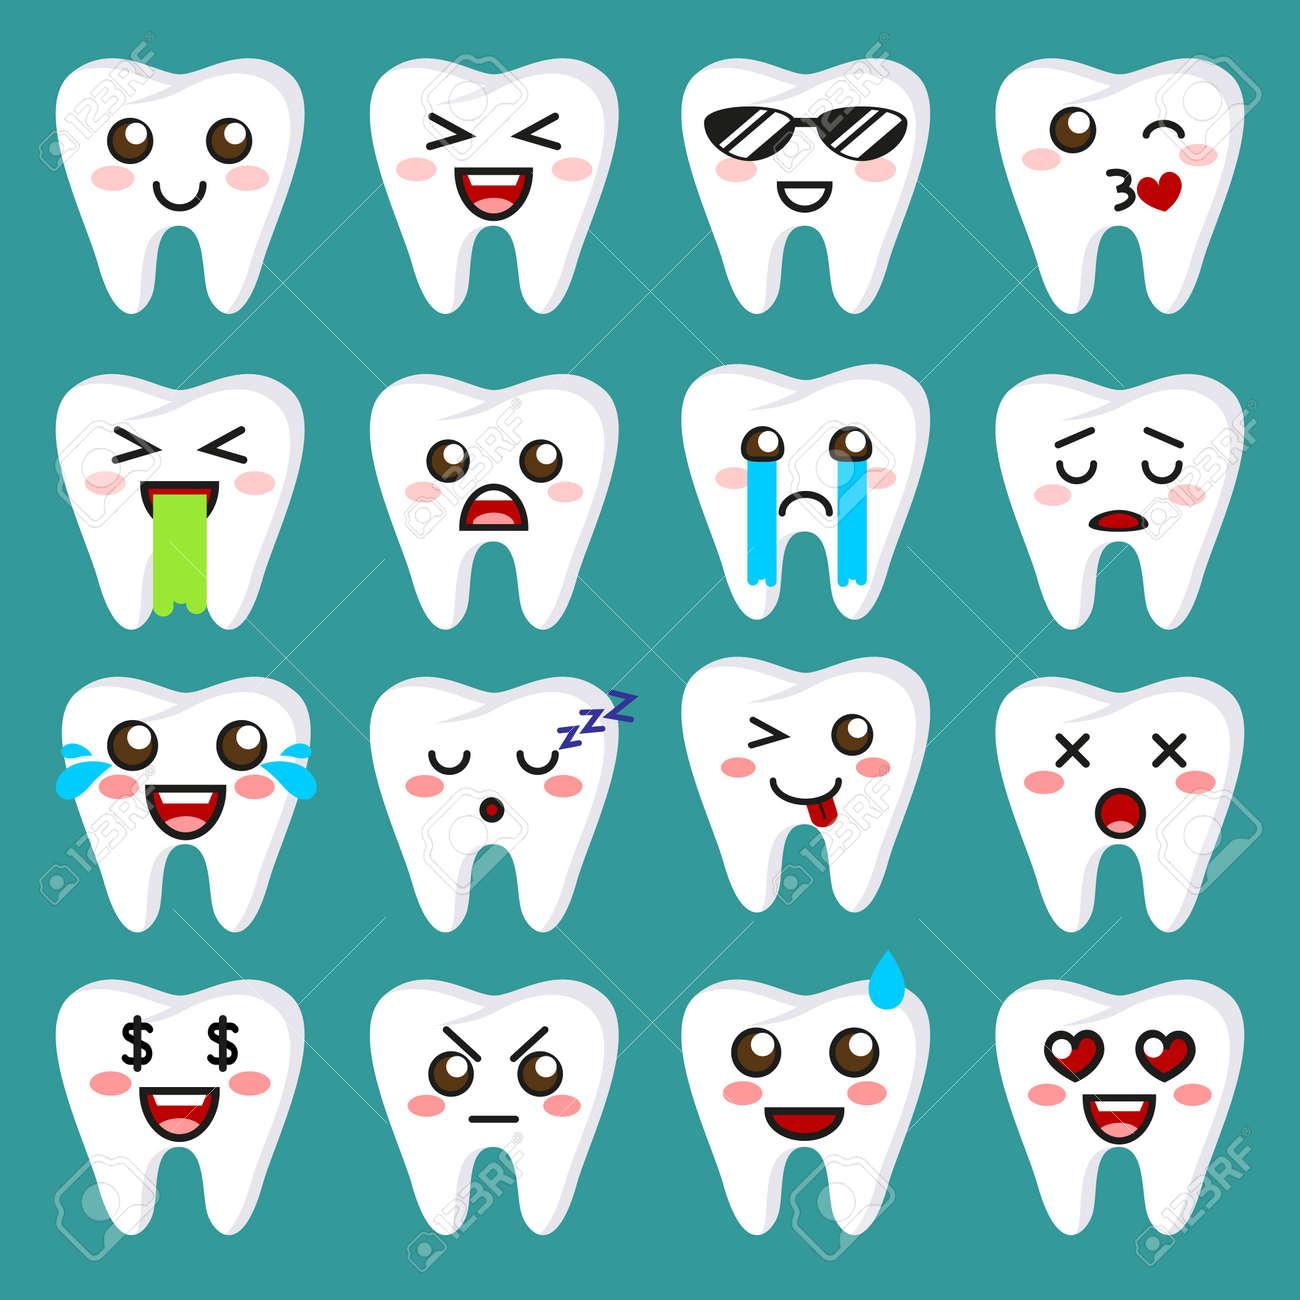 歯の絵文字かわいい顔文字はベクトル イラストですのイラスト素材